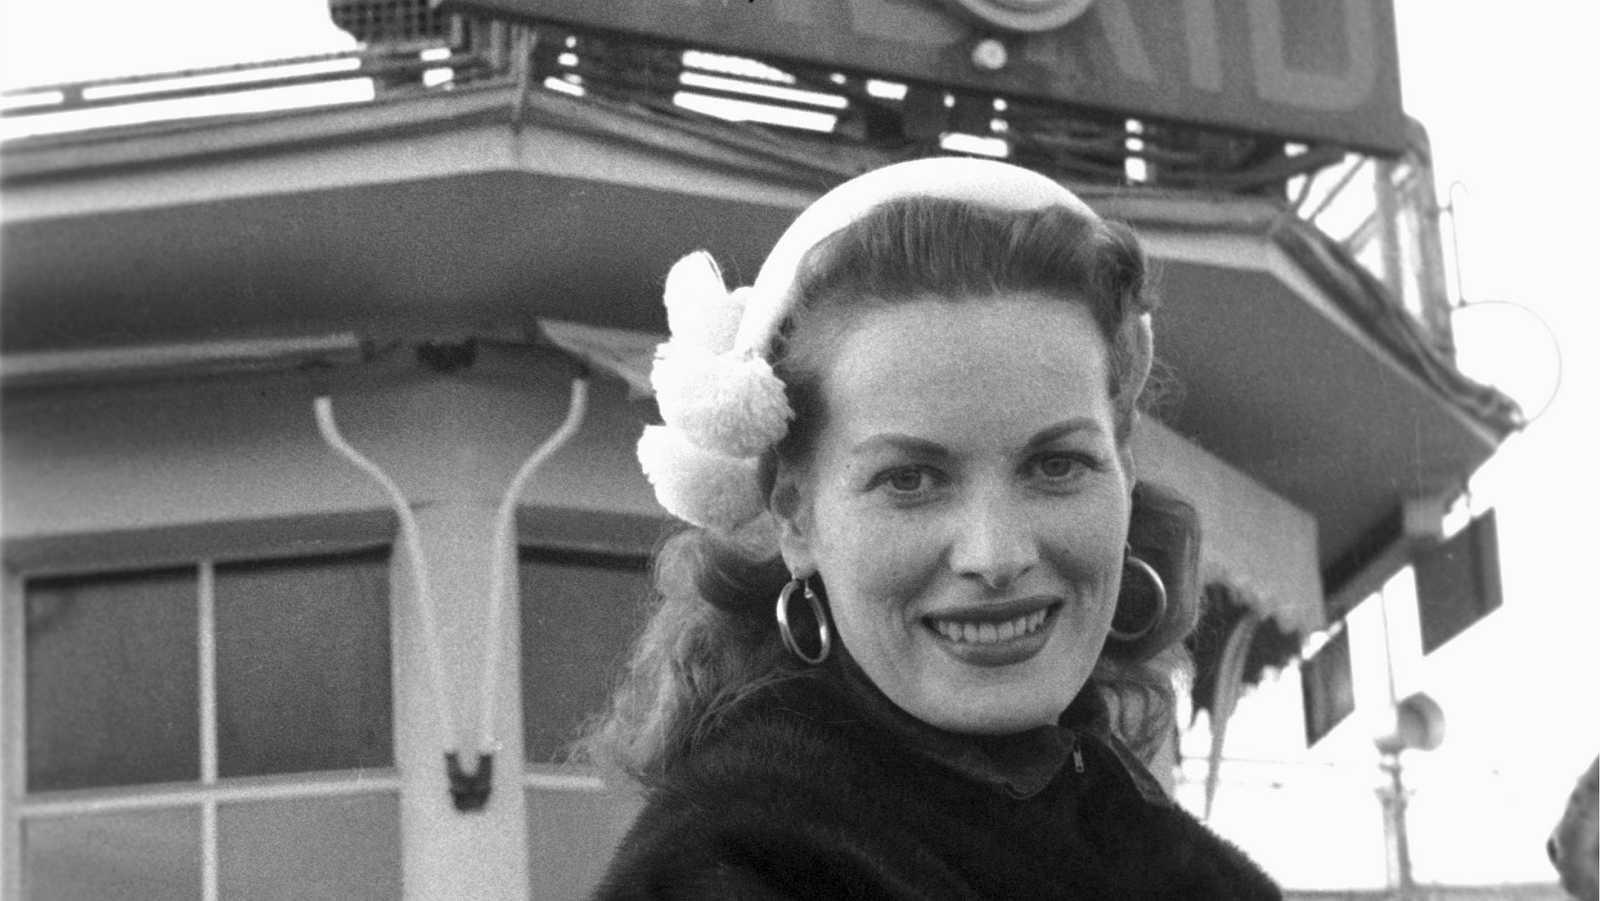 100 años del nacimiento de Maureen O'Hara, una actriz que marcó a Hollywood